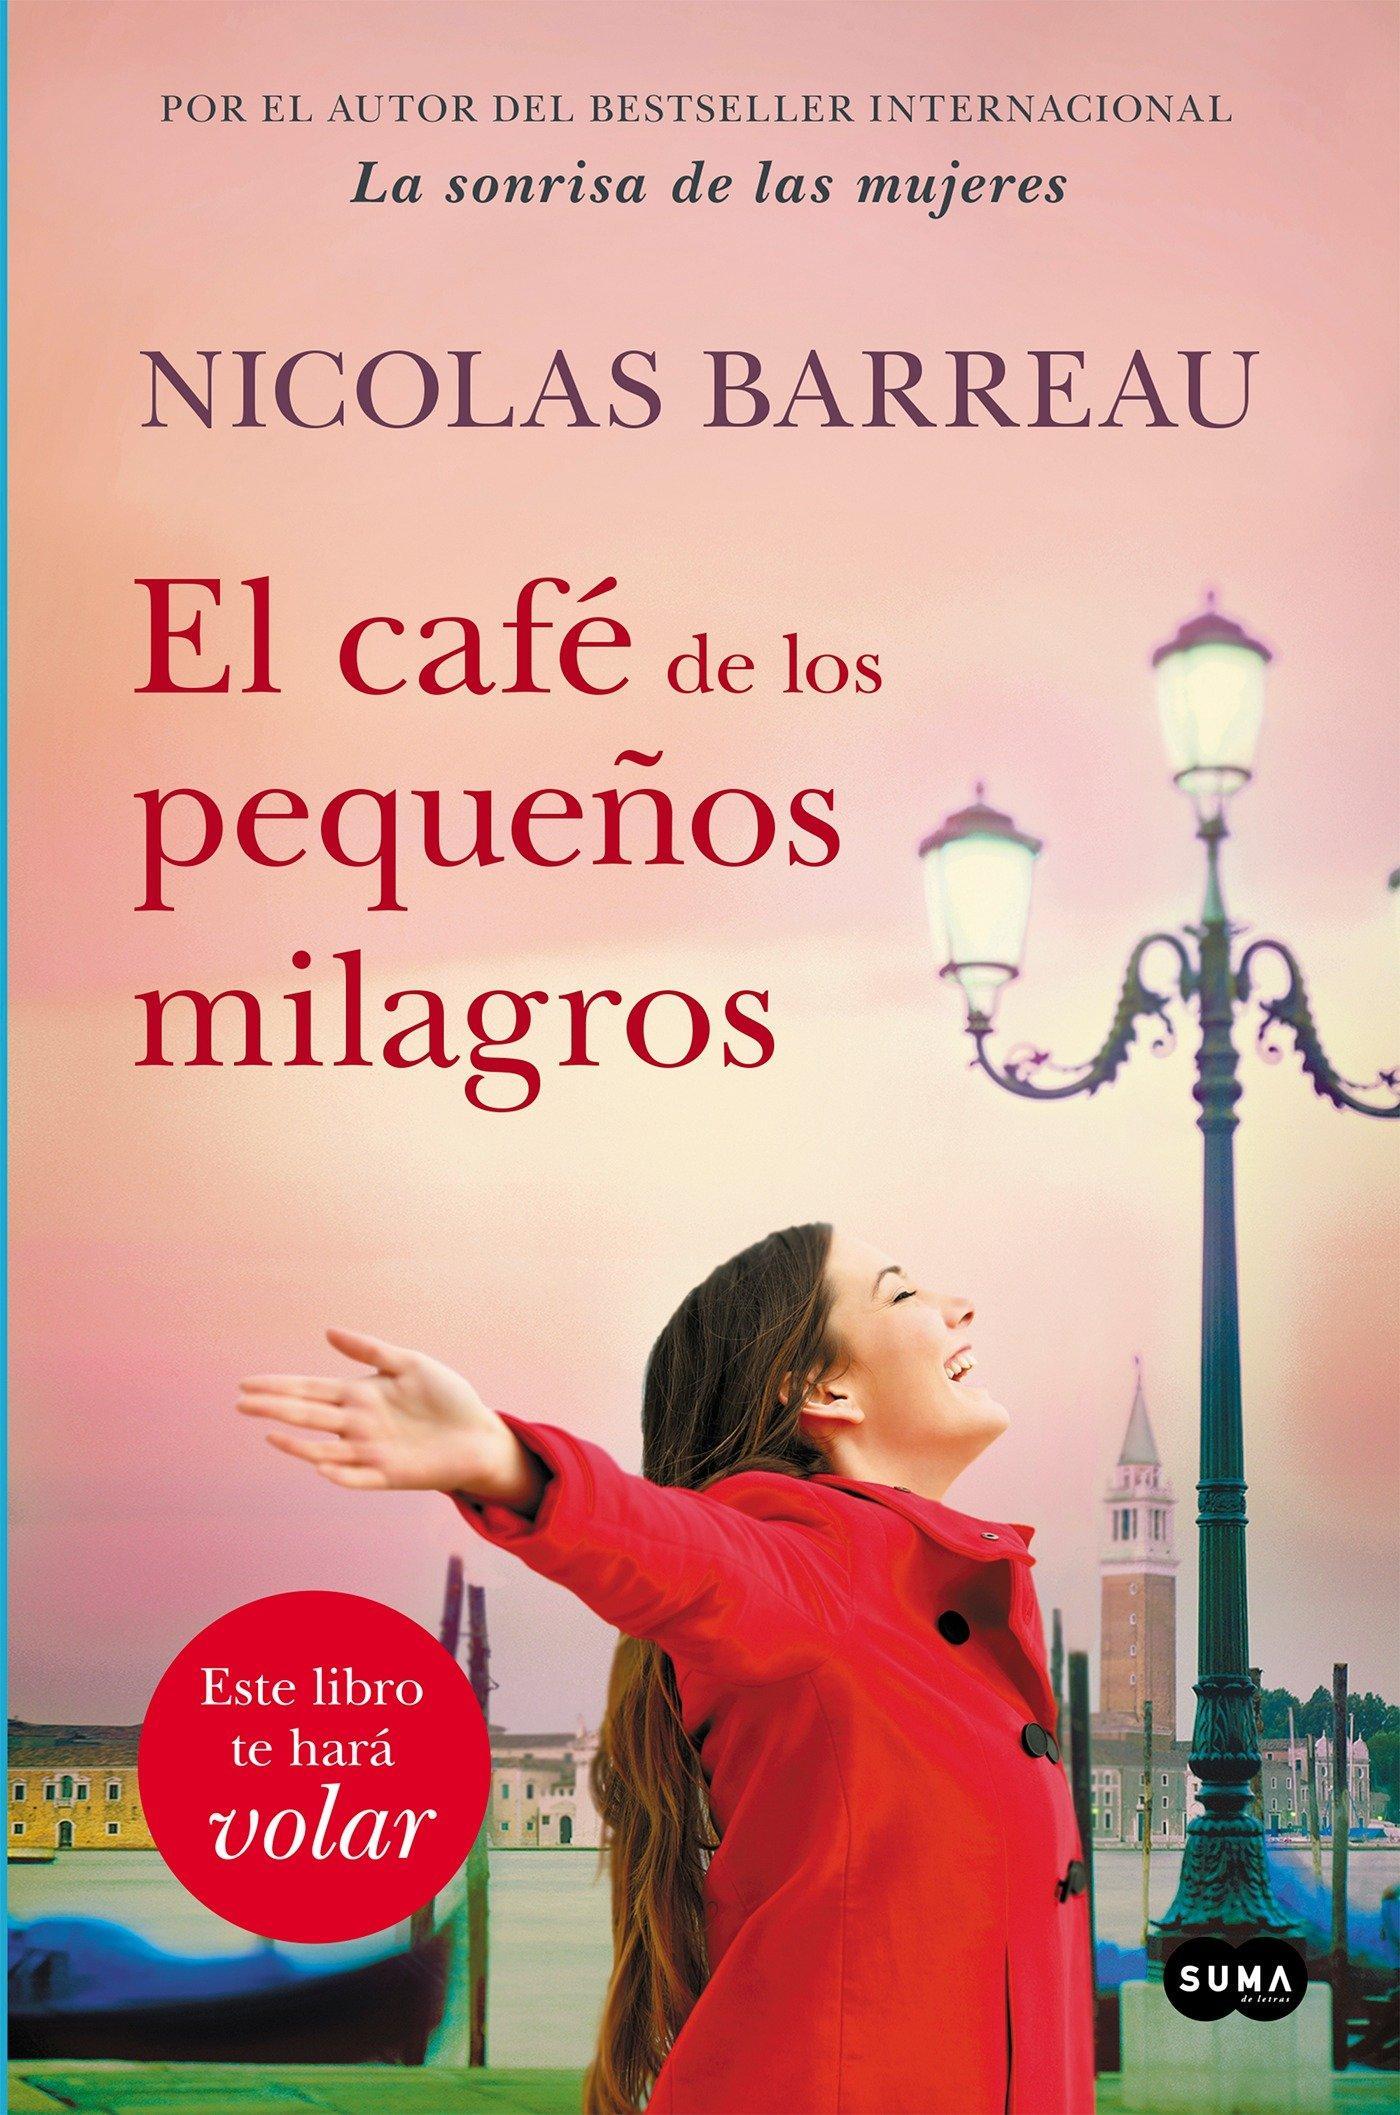 El Café de Los Pequeños Milagros / The Cafe of Small Miracles  Nicolas Barreau  Taschenbuch  Spanisch  2018 - Barreau, Nicolas